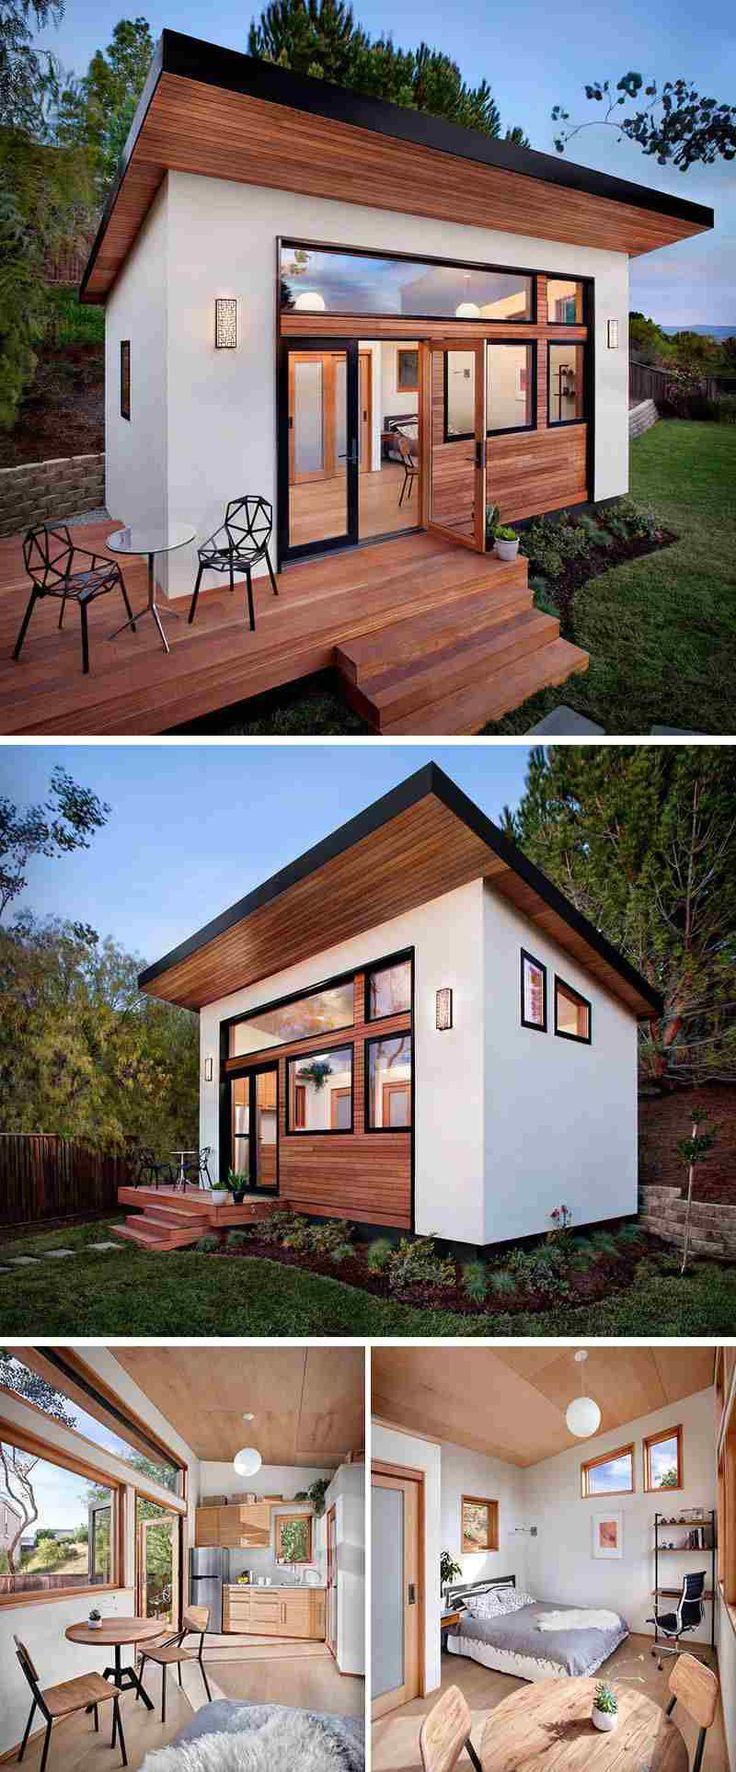 Maison de jardin habitable 14 abris am nag s en bureaux ou coins repos - Maison de jardin habitable ...